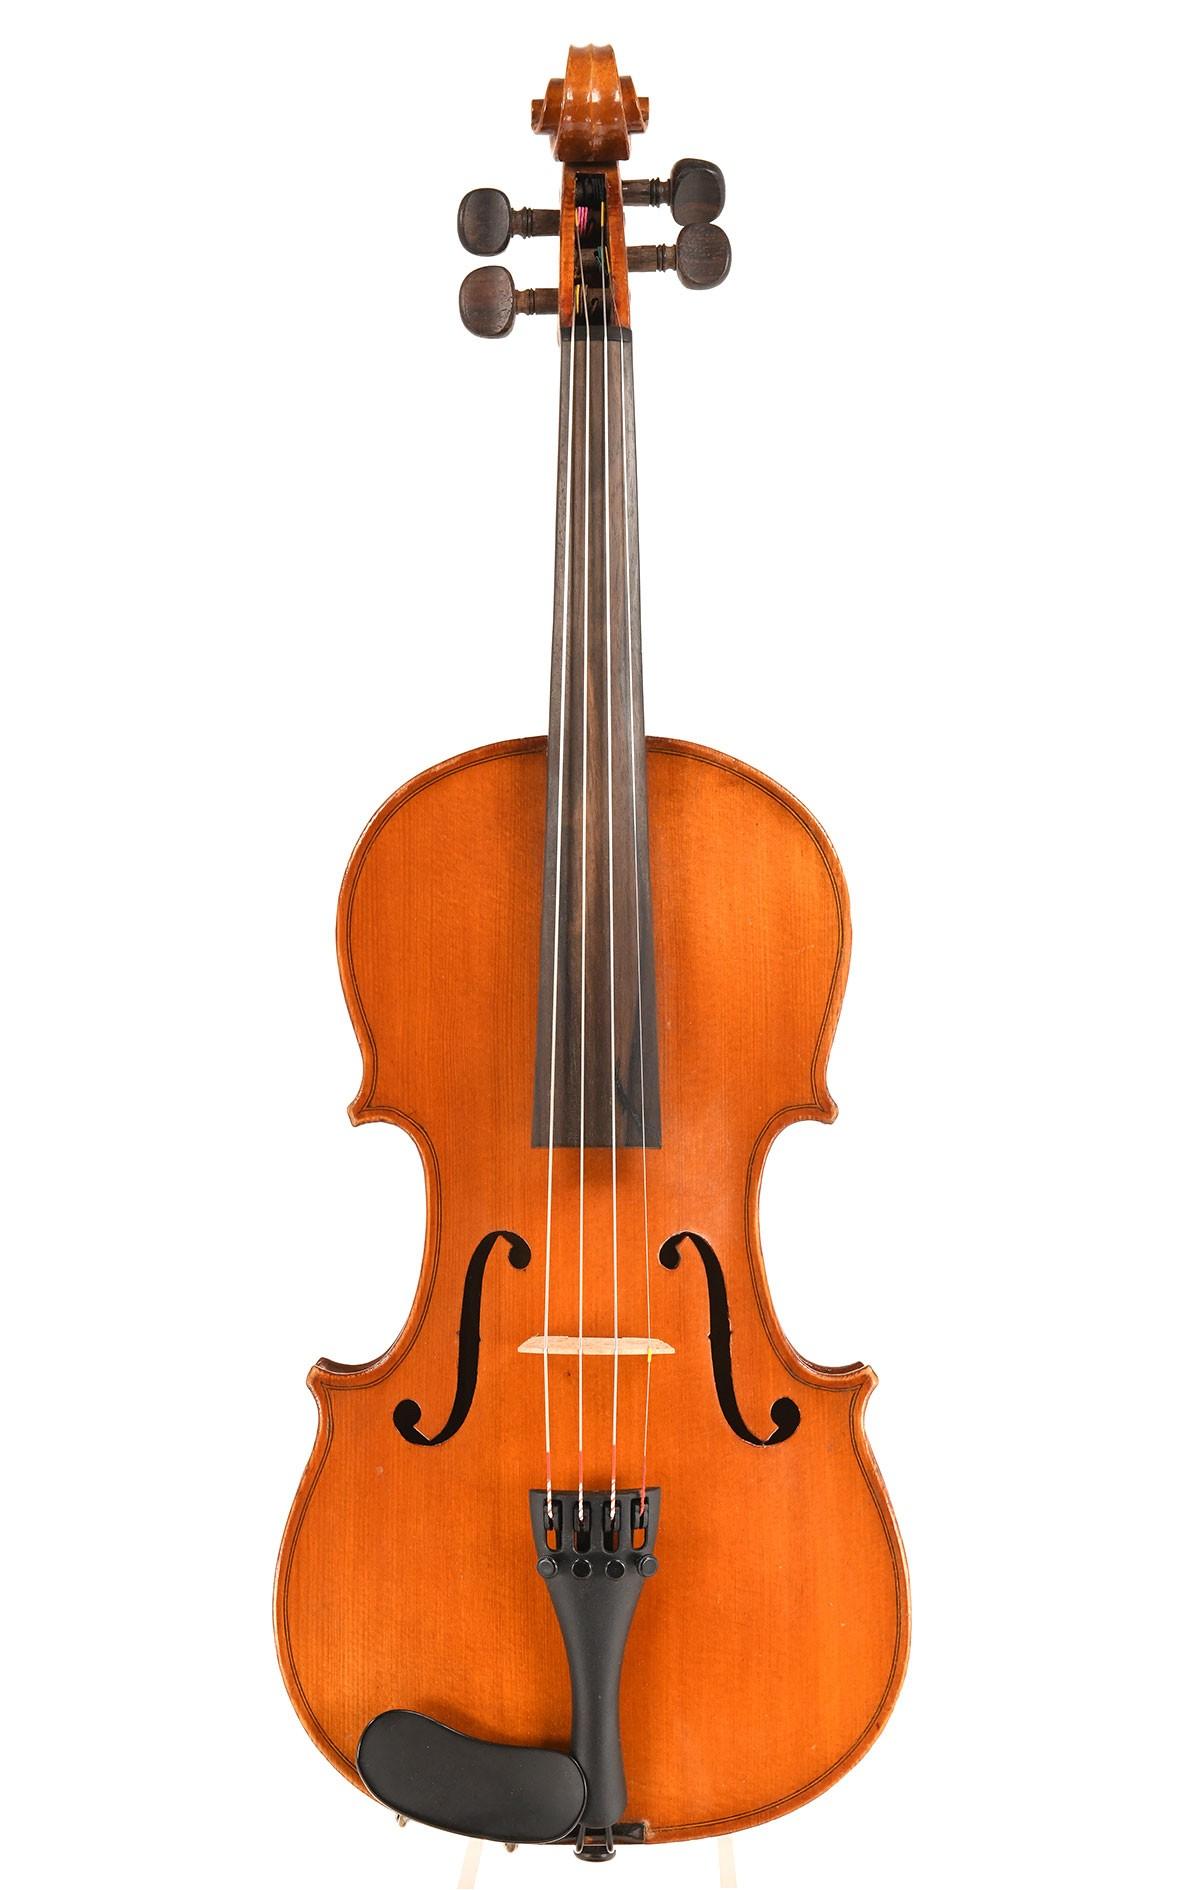 Antike Mirecourter 3/4 Geige, wahrscheinlich Laberte